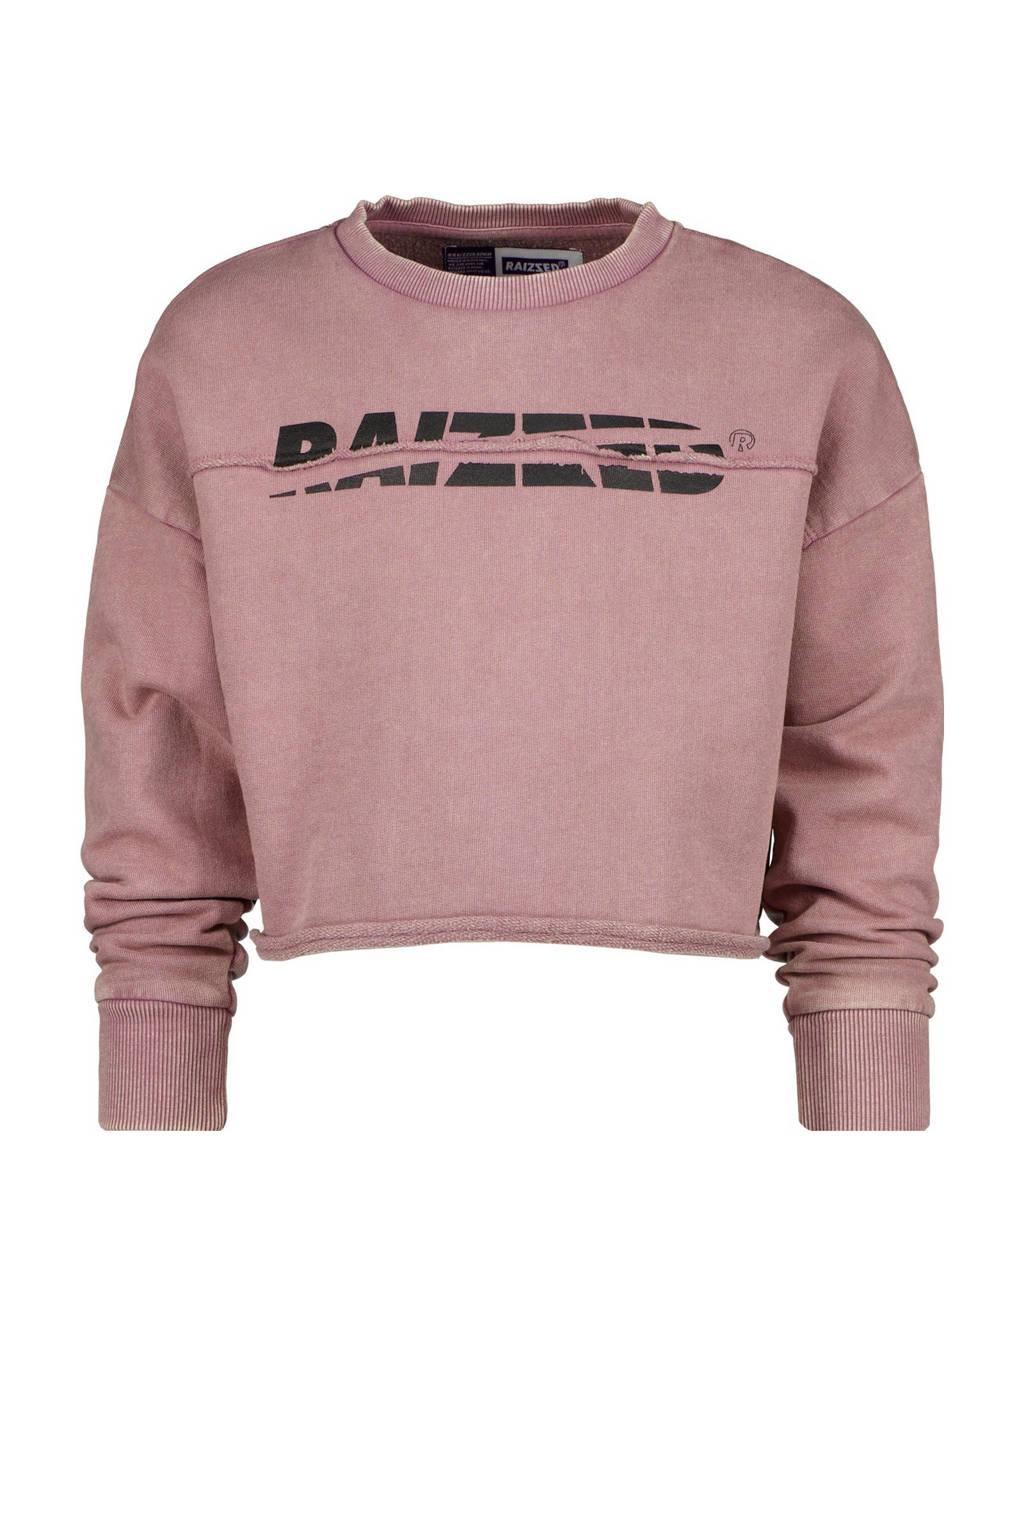 Raizzed sweater Bergen met logo oudroze, Oudroze